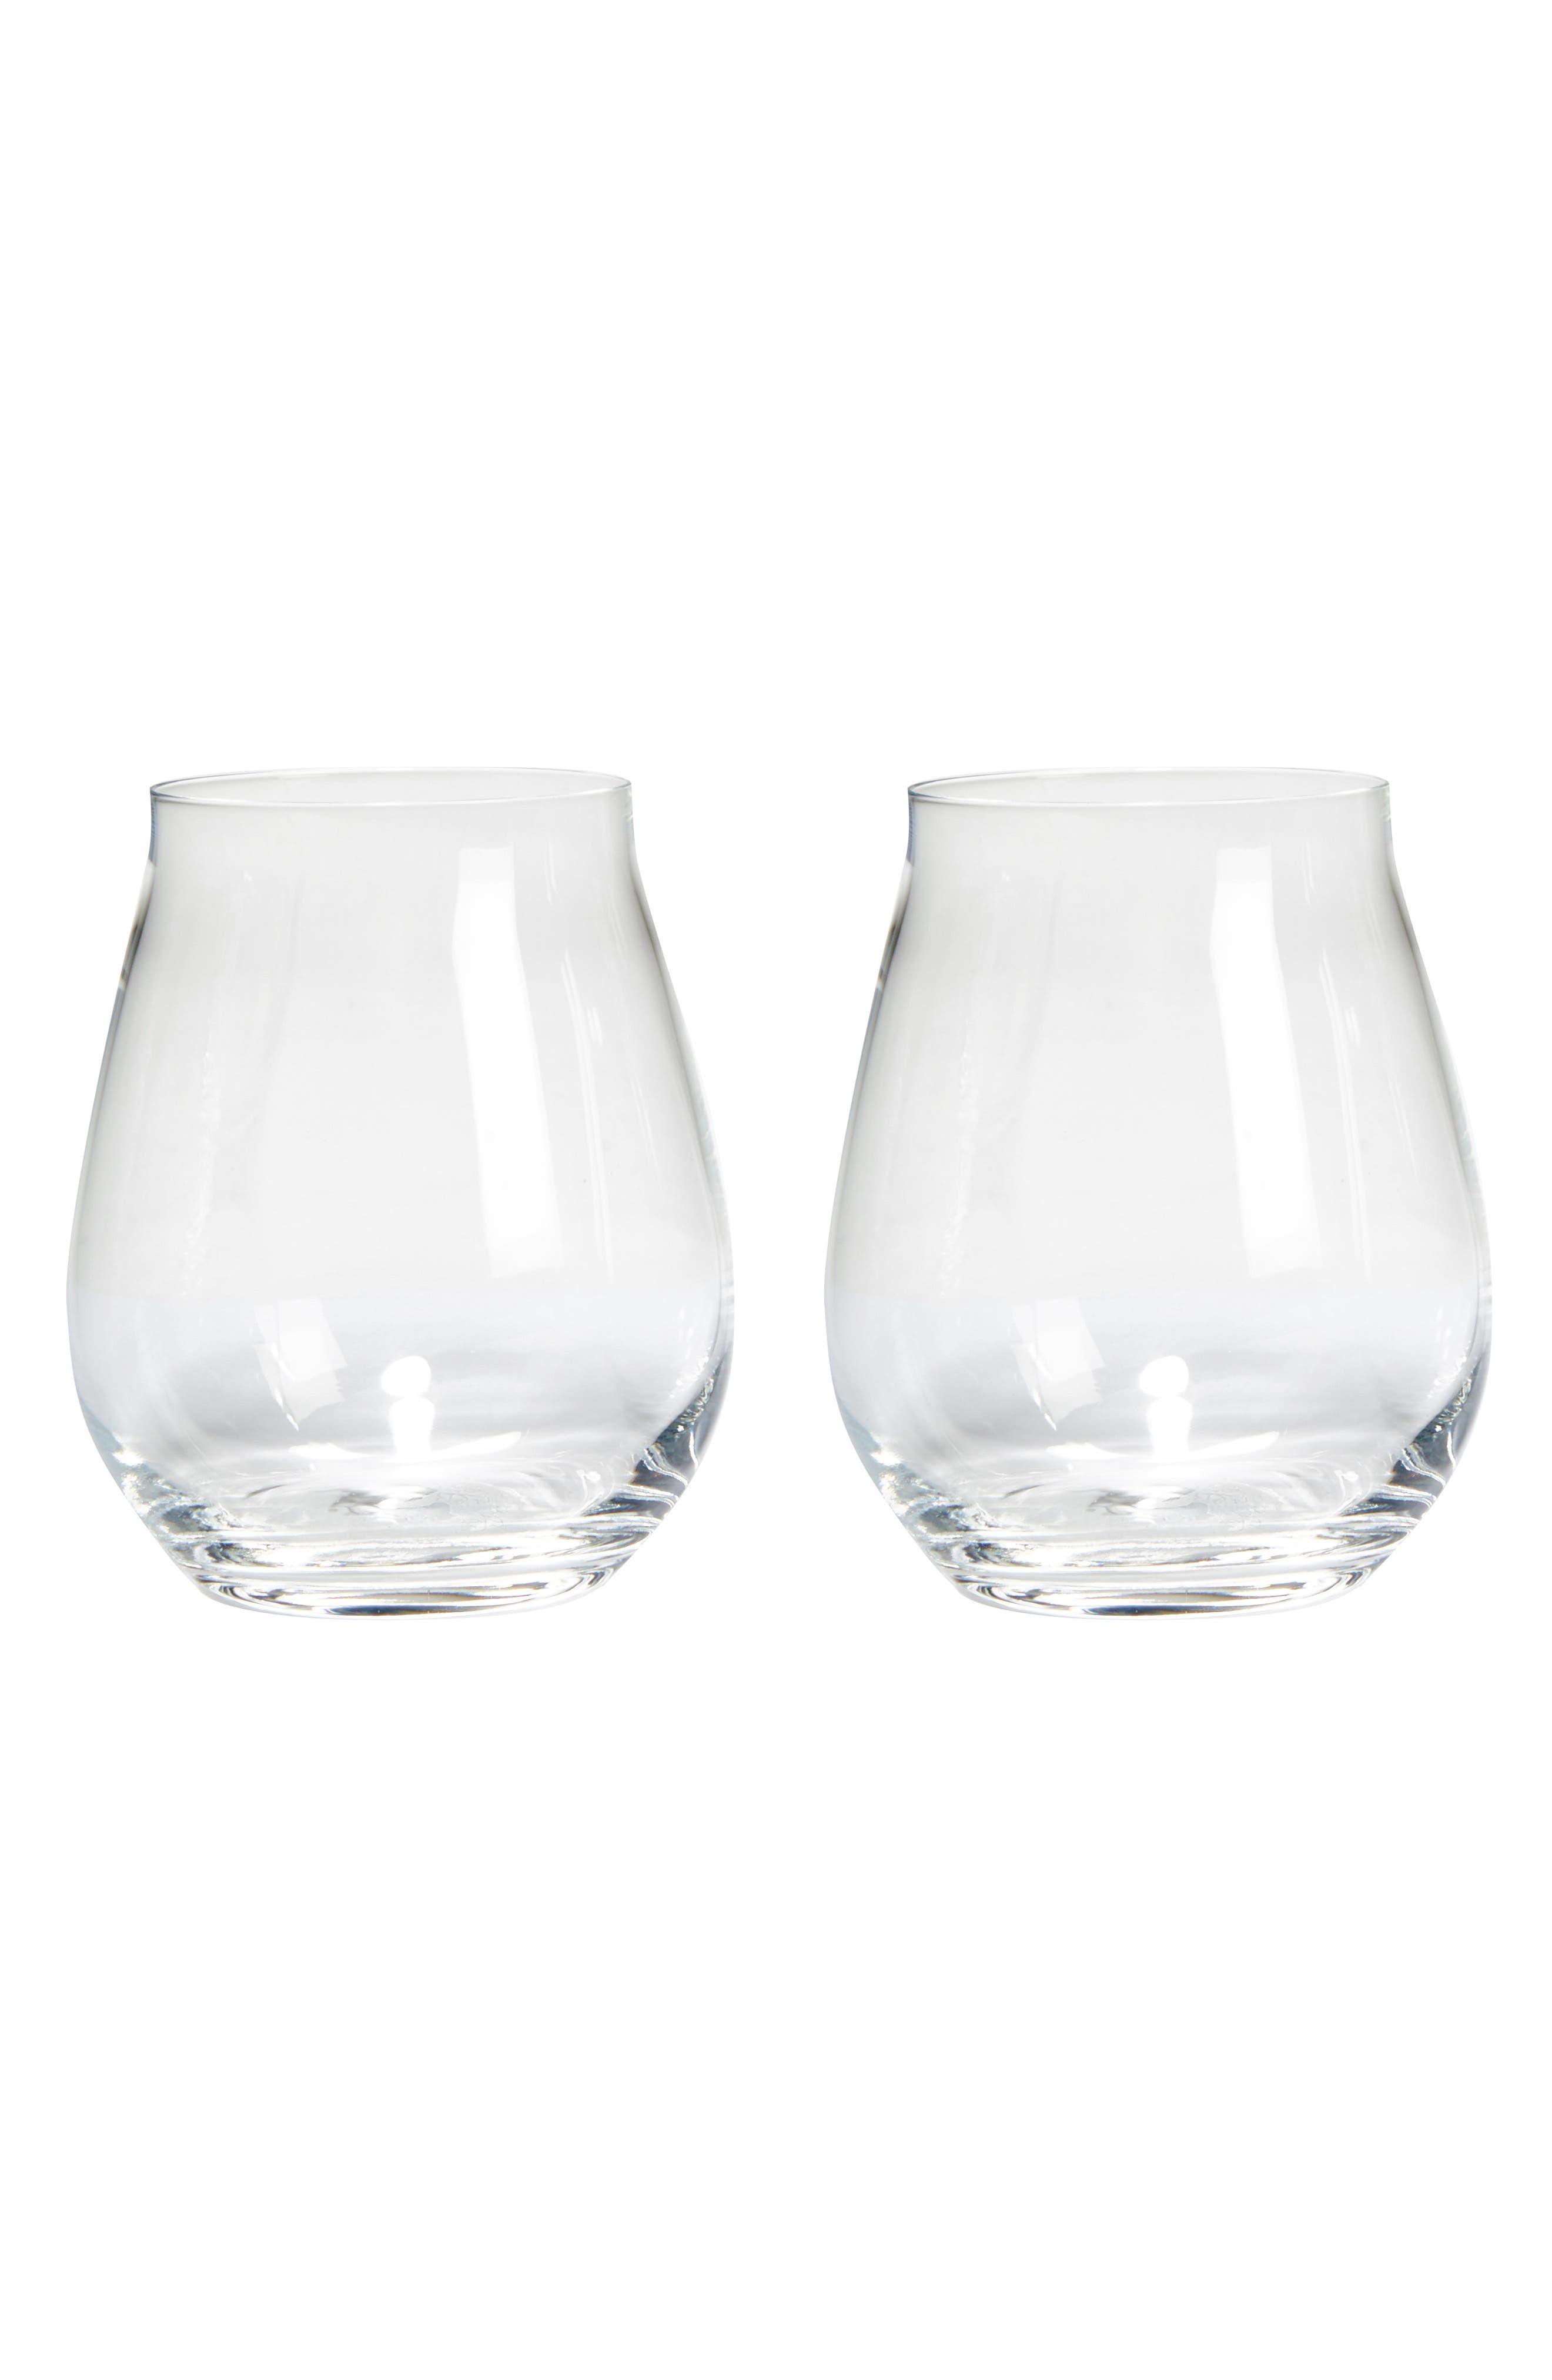 Luigi Bormiolo Vinea Trebbiano Set of 2 Stemless Wine Glasses,                         Main,                         color, 100